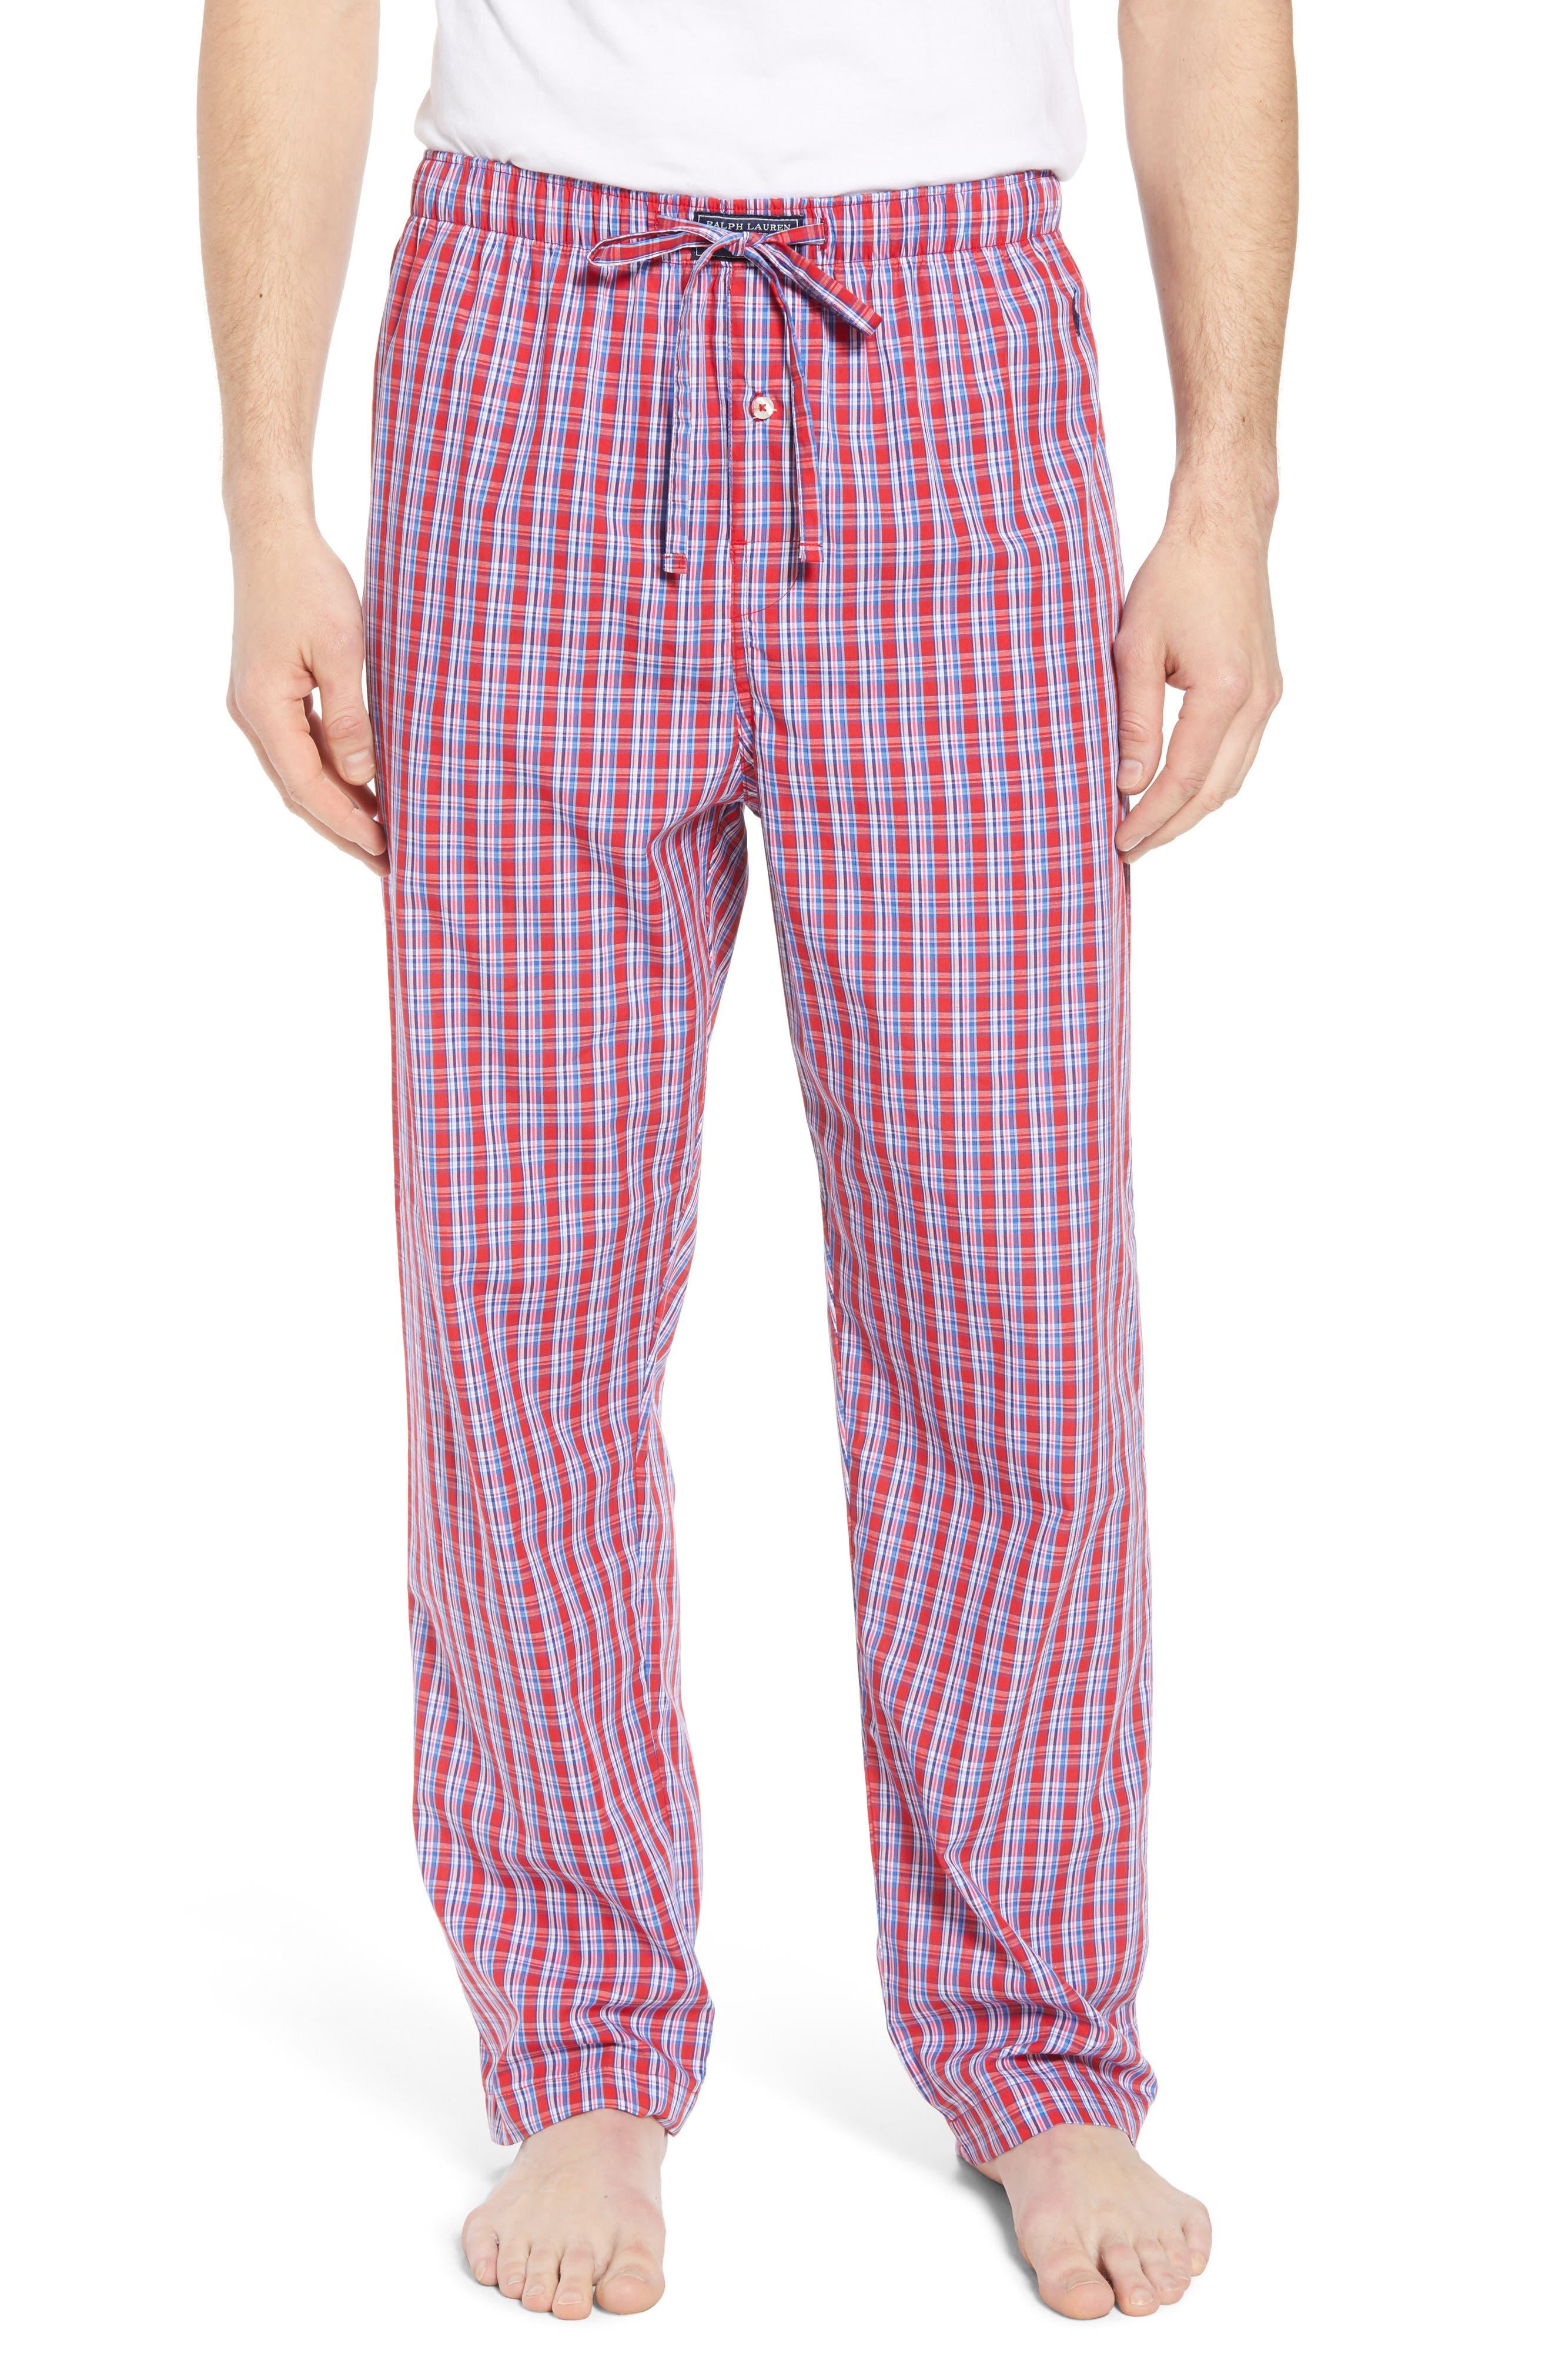 Cotton Lounge Pants,                         Main,                         color, NEWPORT PLAID/ NAVY